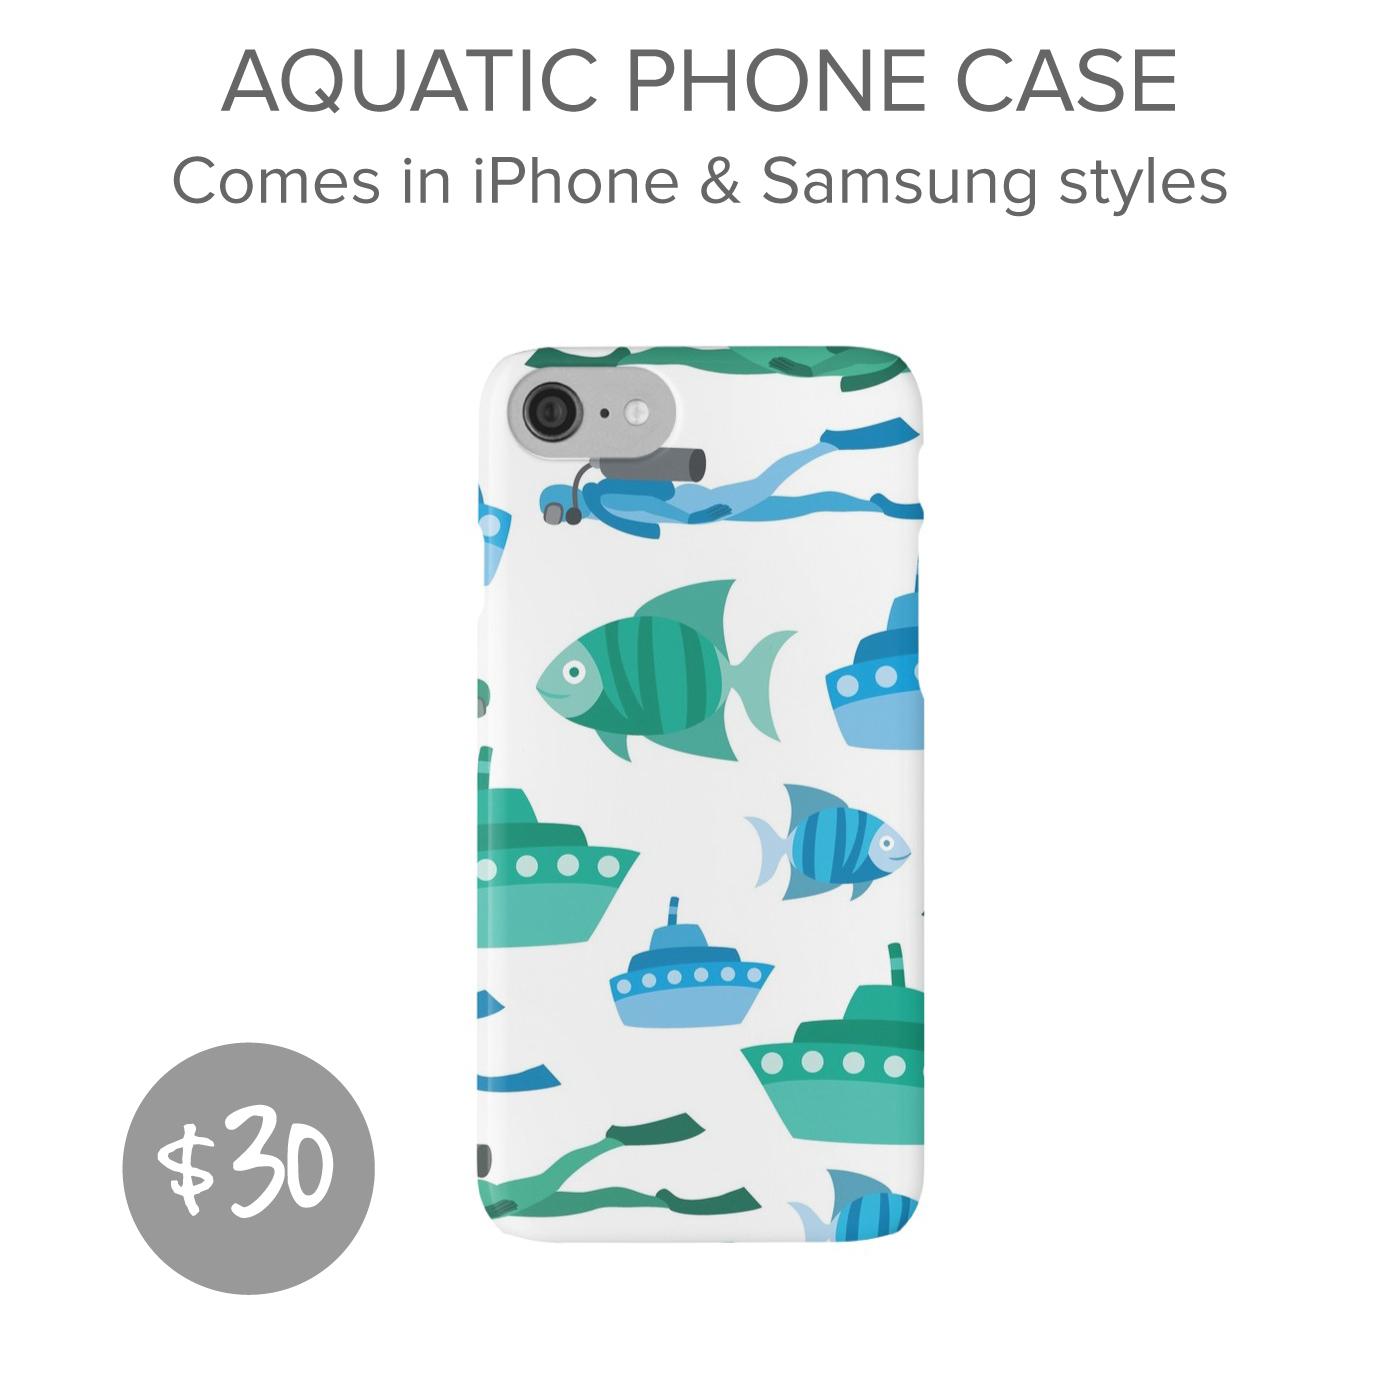 AQUATIC-PHONE-CASE.jpg